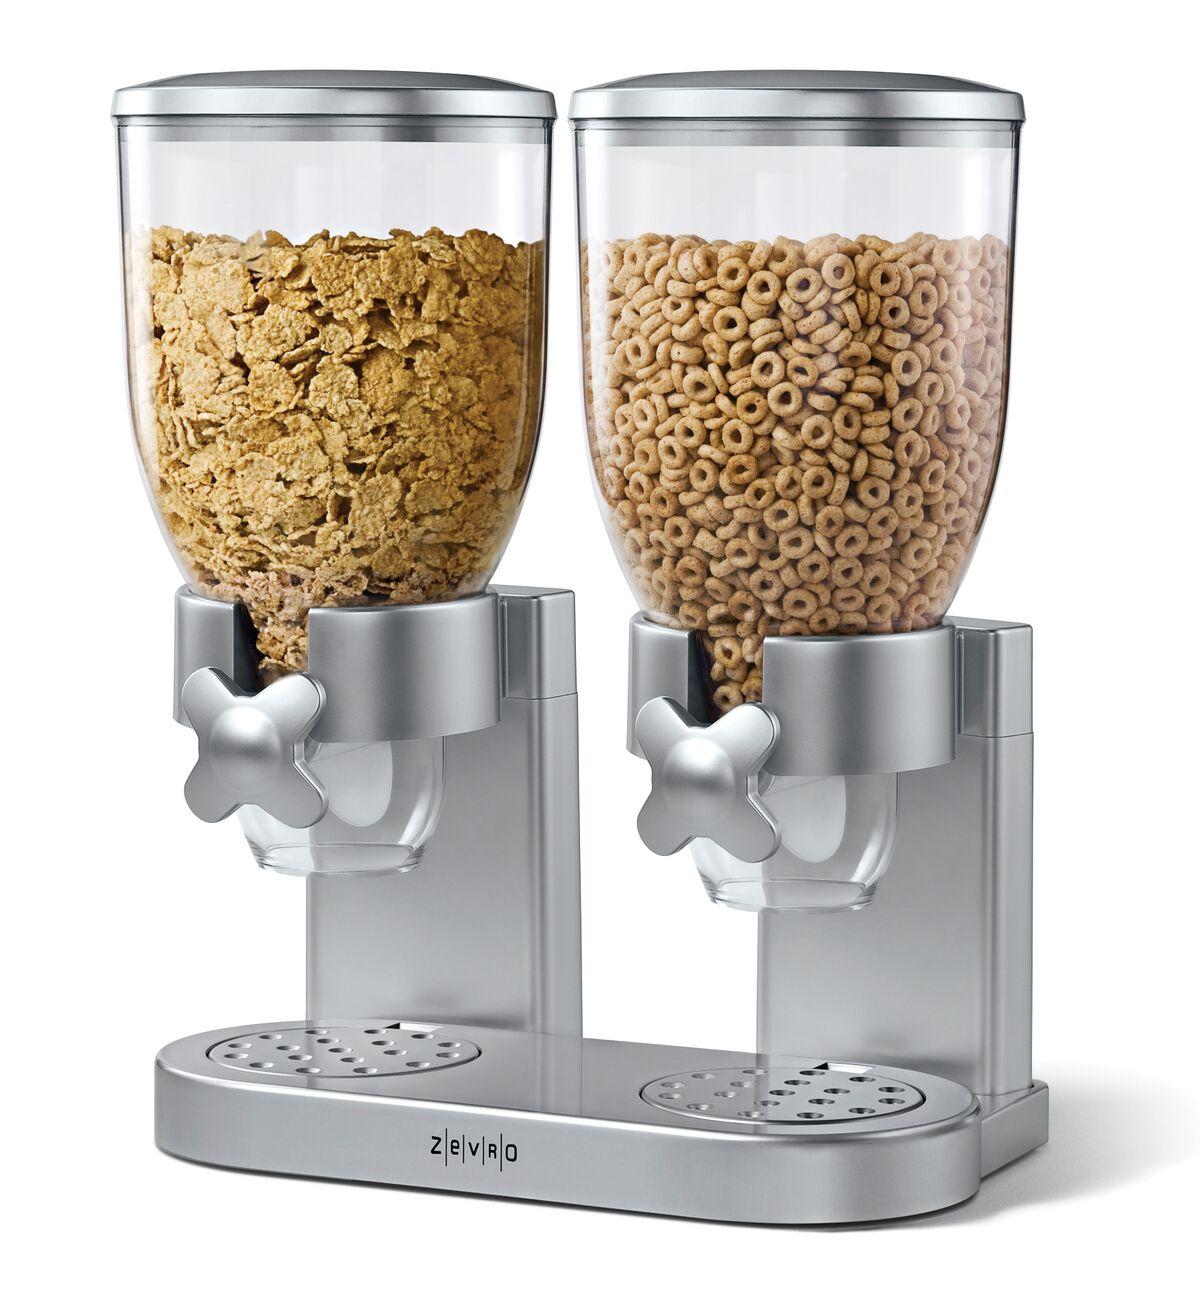 מתקן דגני בוקר כפול food appeal מעוצב ZEVRO בשני צבעים לבחירה  - משלוח חינם - תמונה 2